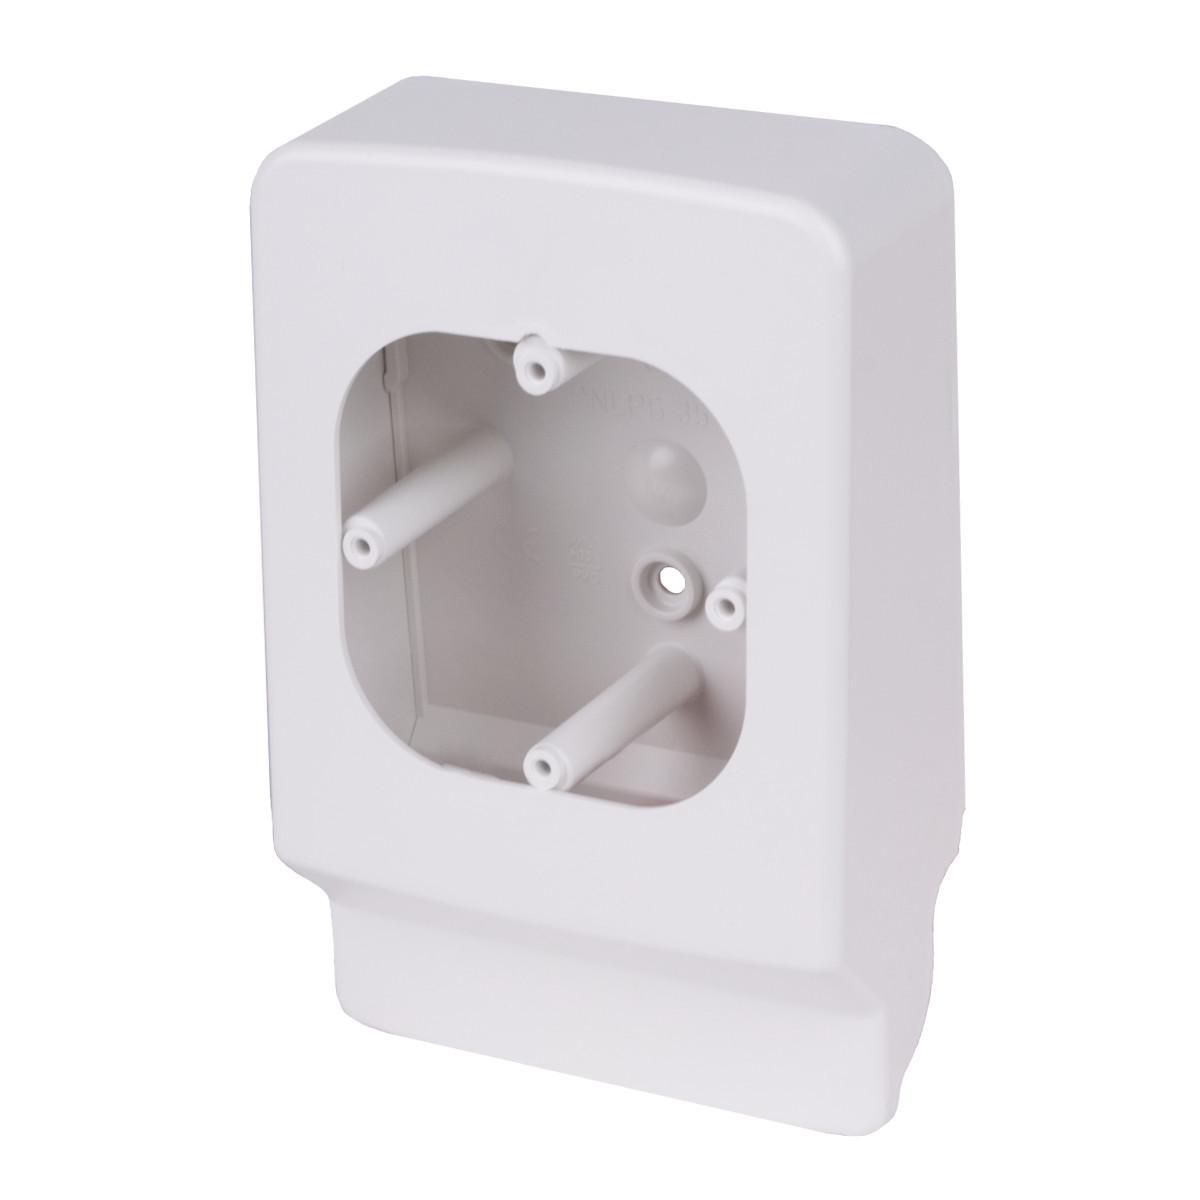 Приладовий носій для  кабельних каналів LP 35 (білий)